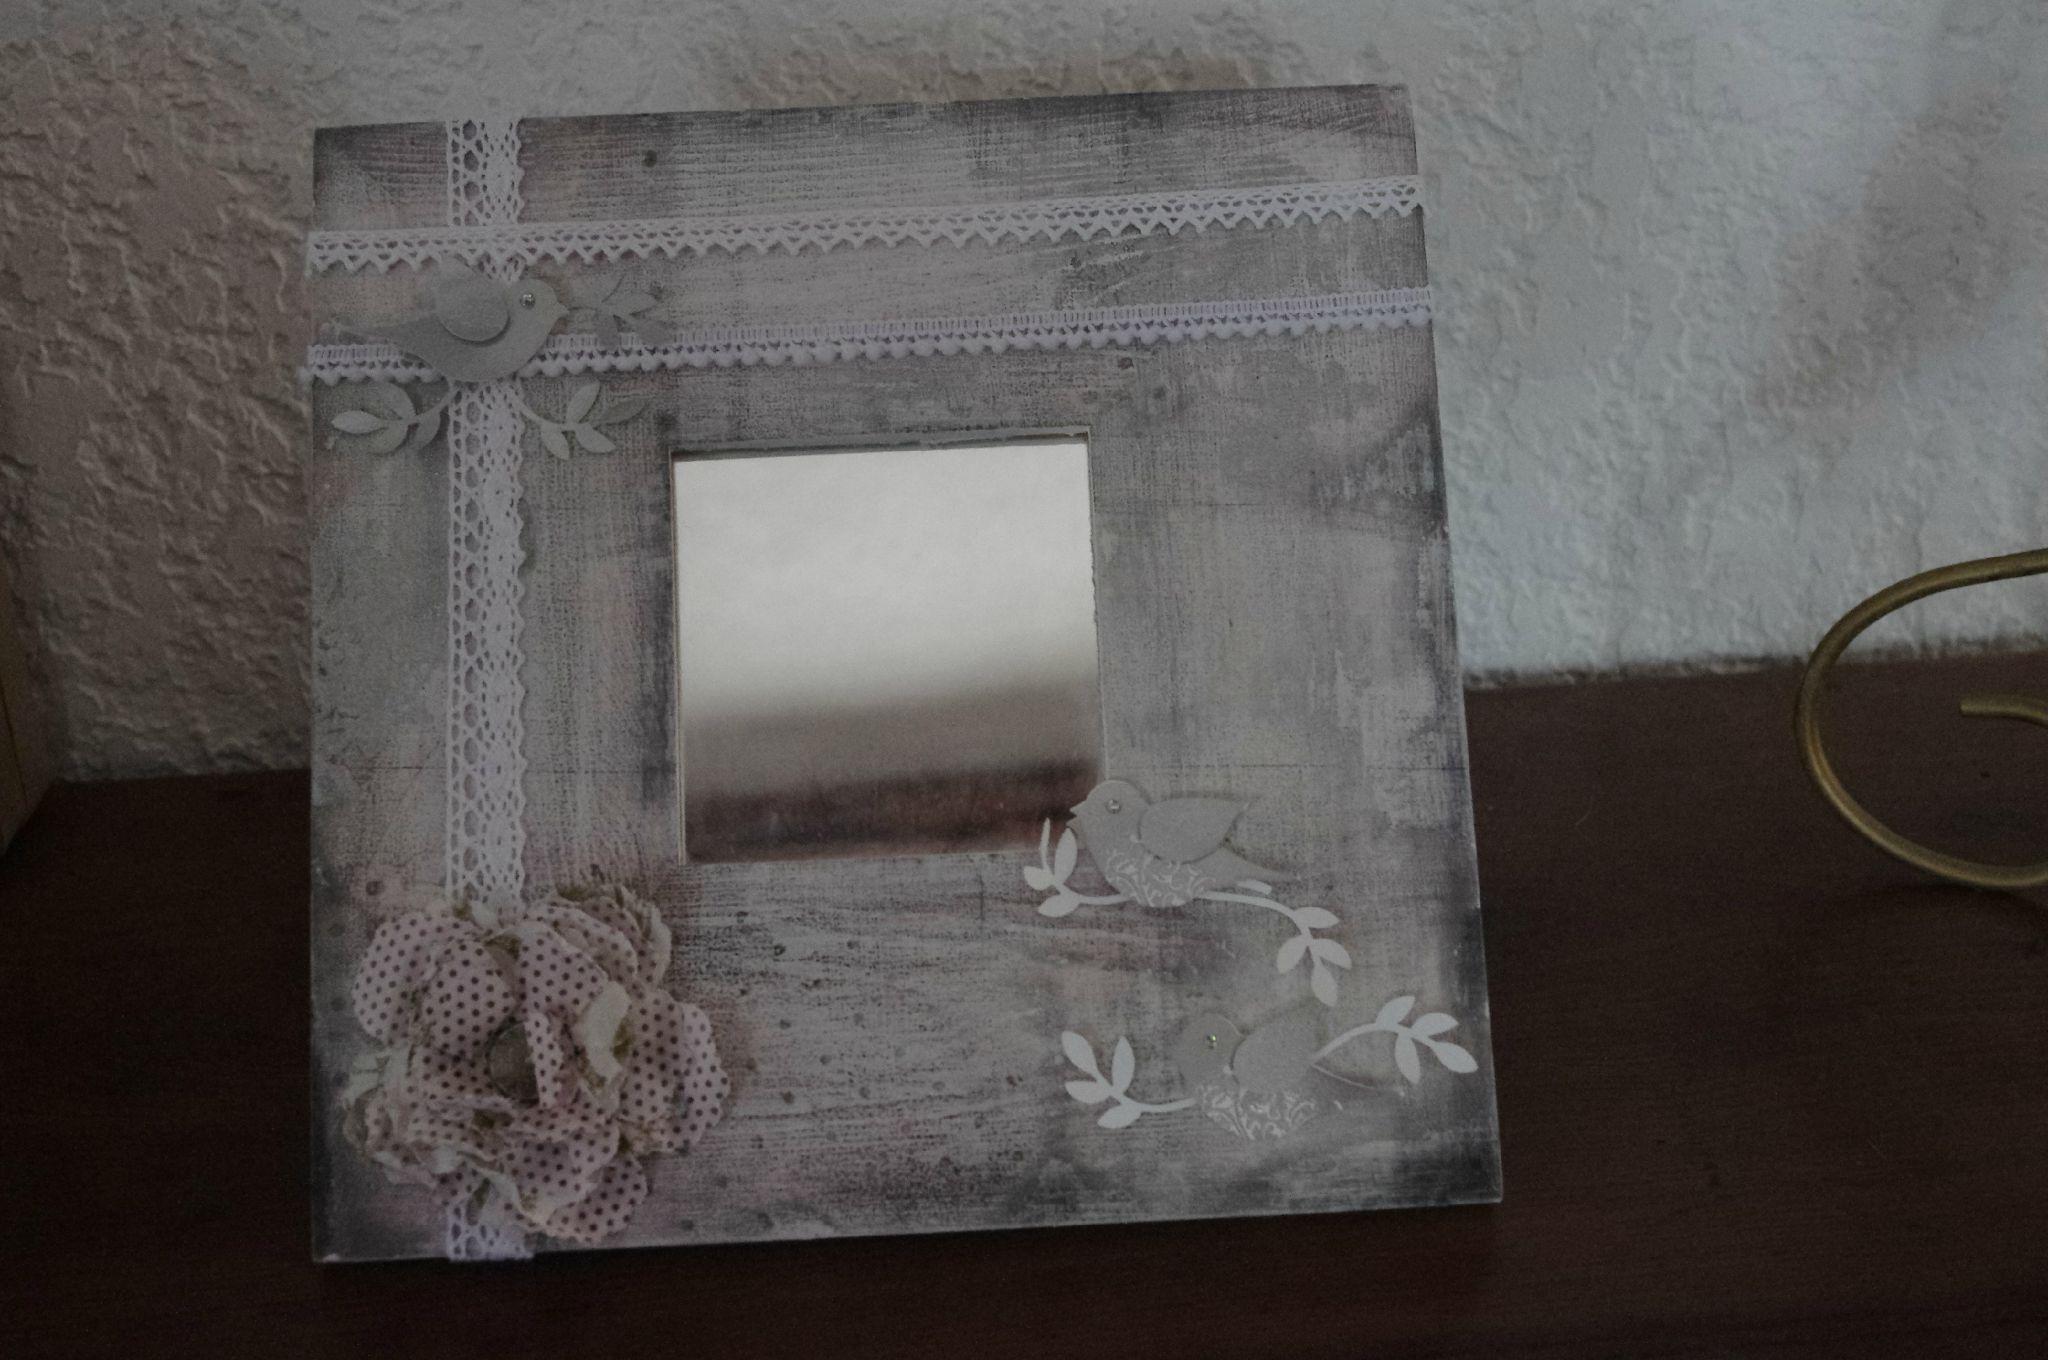 cadre photo miroir miroir ancien style baroque avec son cadre noir orn de moulures dores with. Black Bedroom Furniture Sets. Home Design Ideas